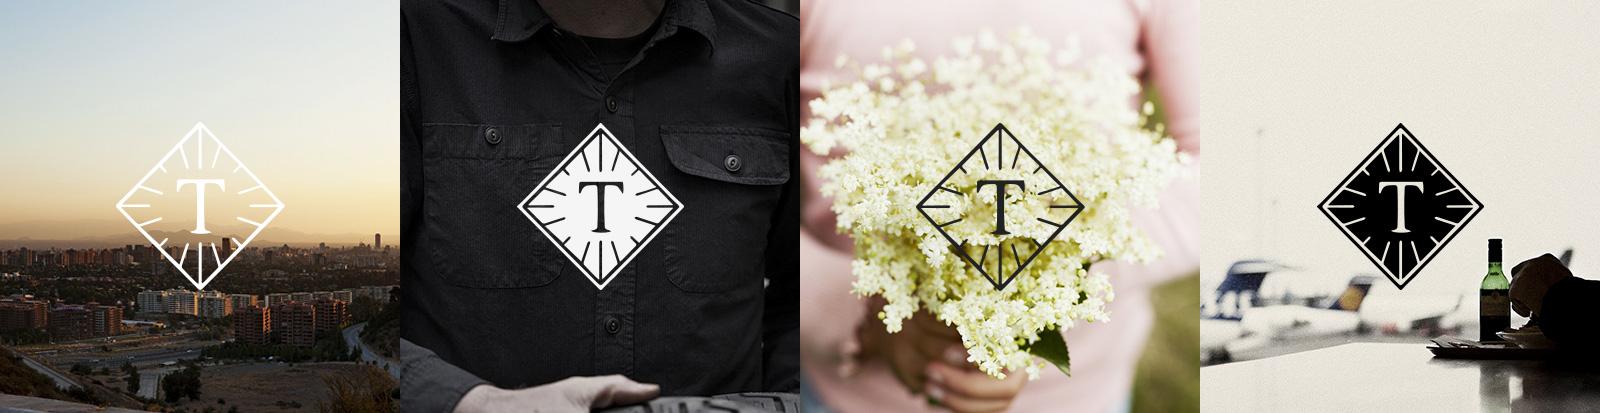 Tuala - Varianter af logo